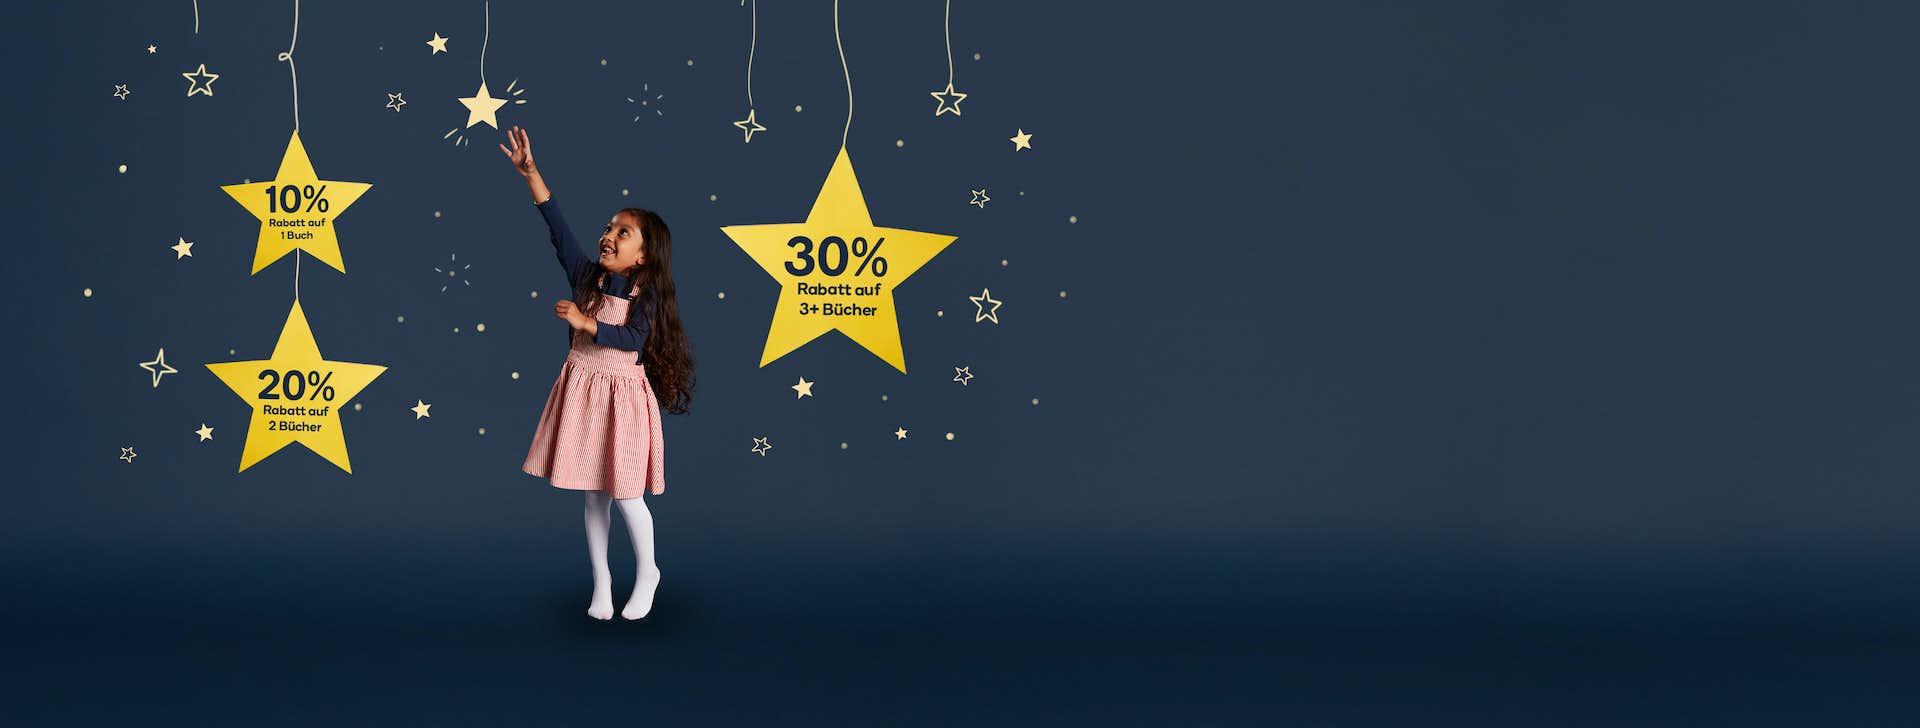 Hol die Sterne vom Himmel - mit unseren Angeboten